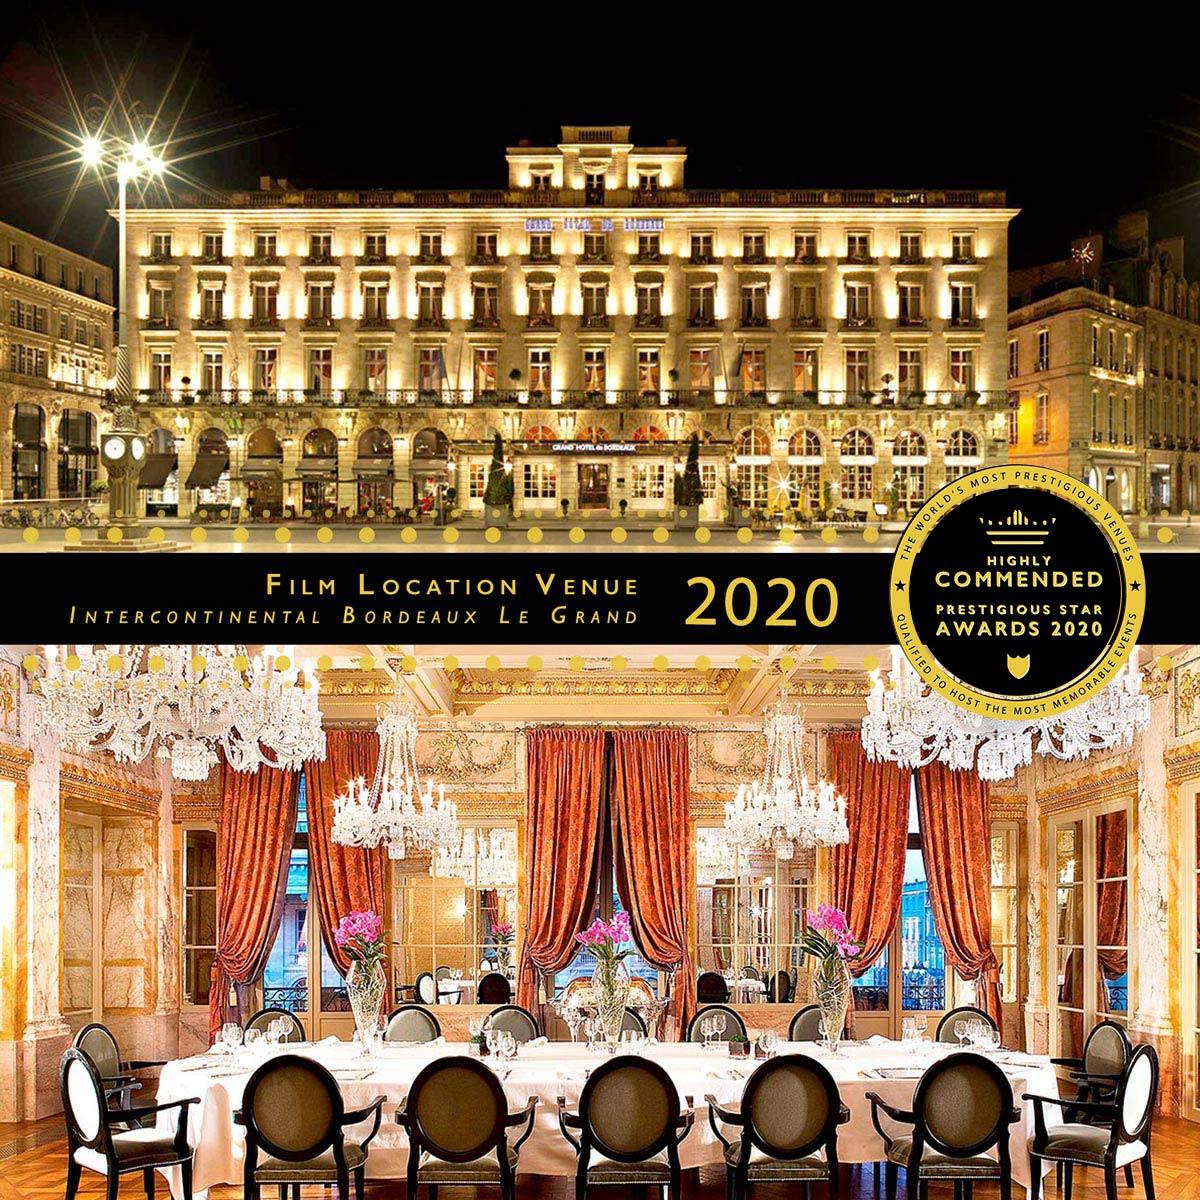 Intercontinental Bordeaux Le Grand Hôtel